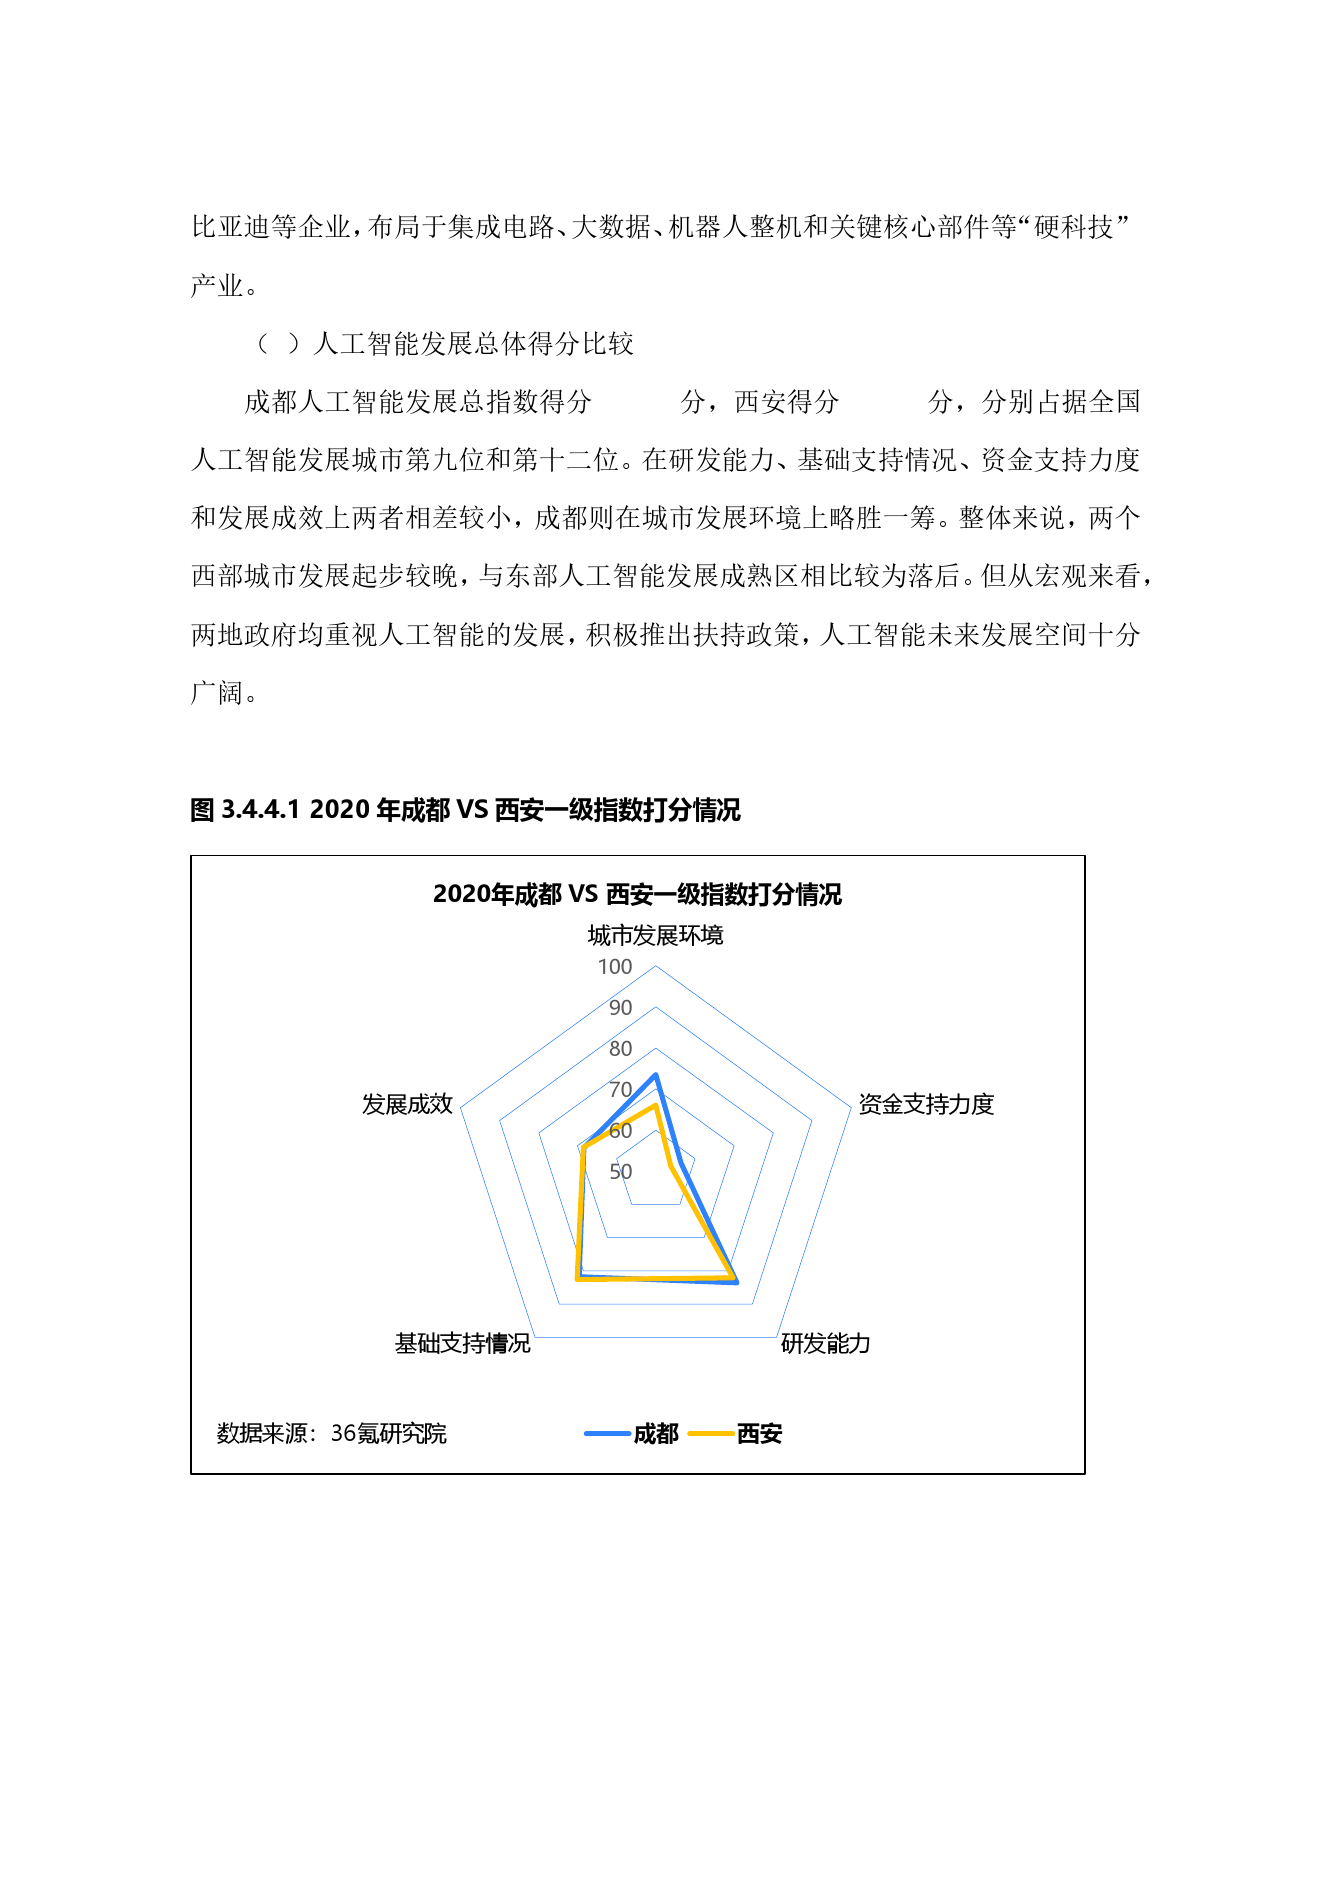 36氪研究院:2020年中国城市人工智能发展指数报告(可下载报告)插图(83)